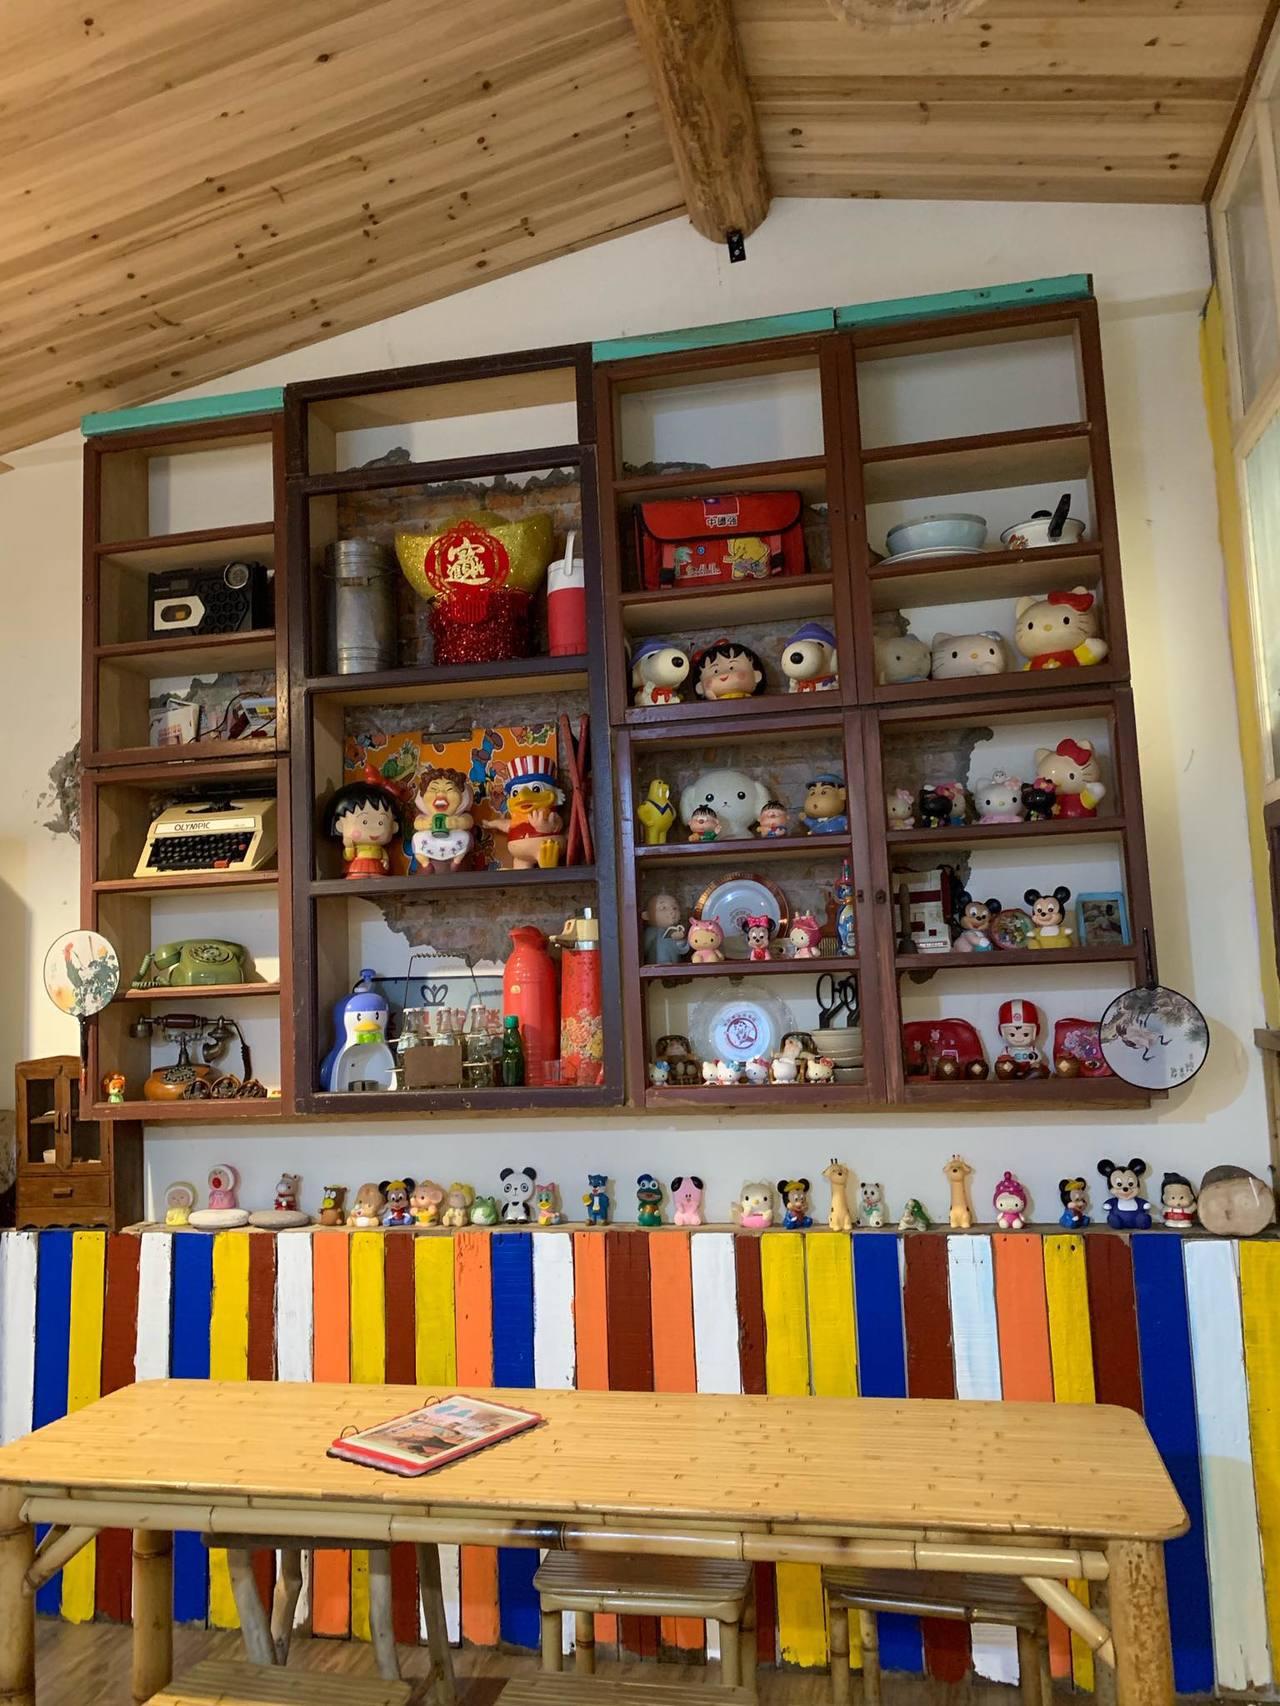 「尋庄懷舊冰店」充滿童趣。圖/尋庄懷舊冰店 提供